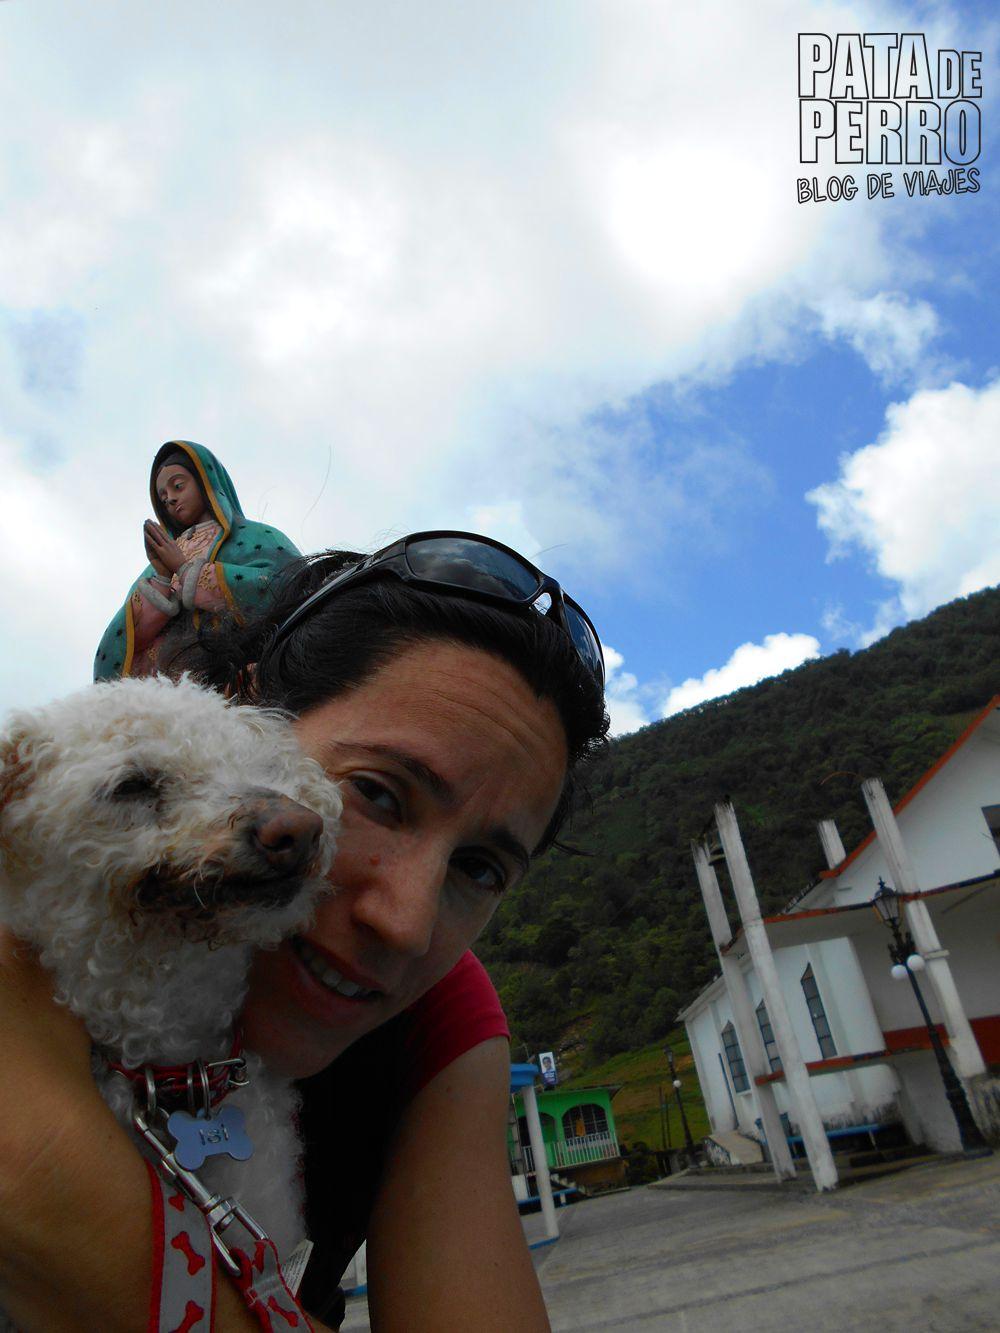 xicotepec puebla con isi virgen gigante mexico pata de perro blog de viajes22